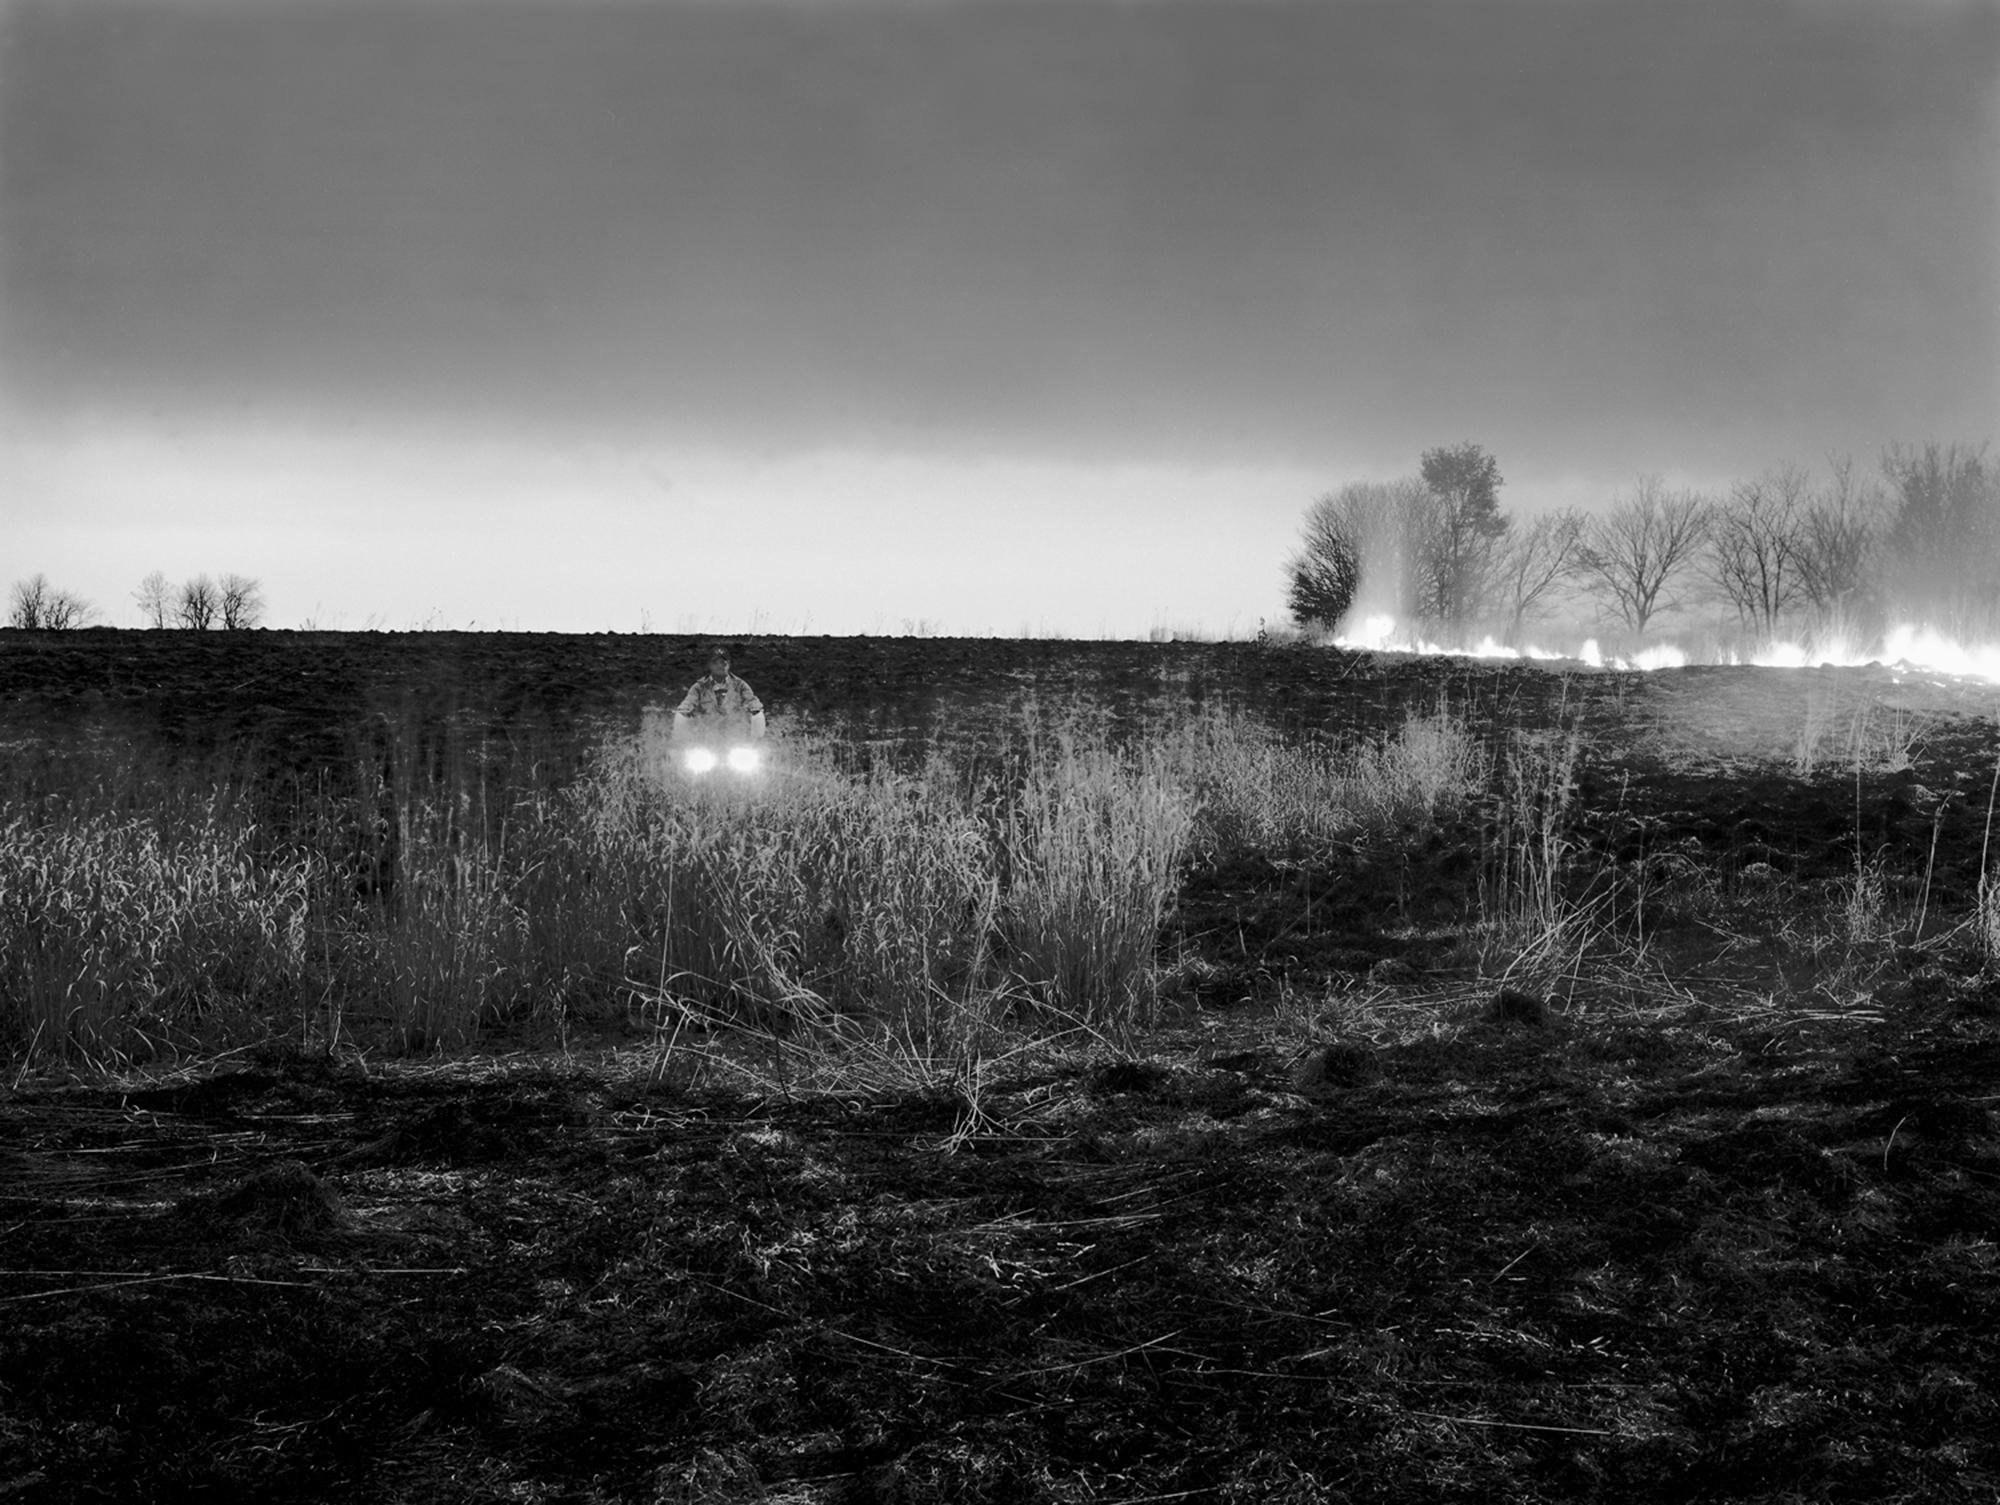 A rancher burning a field - Osage, KS.